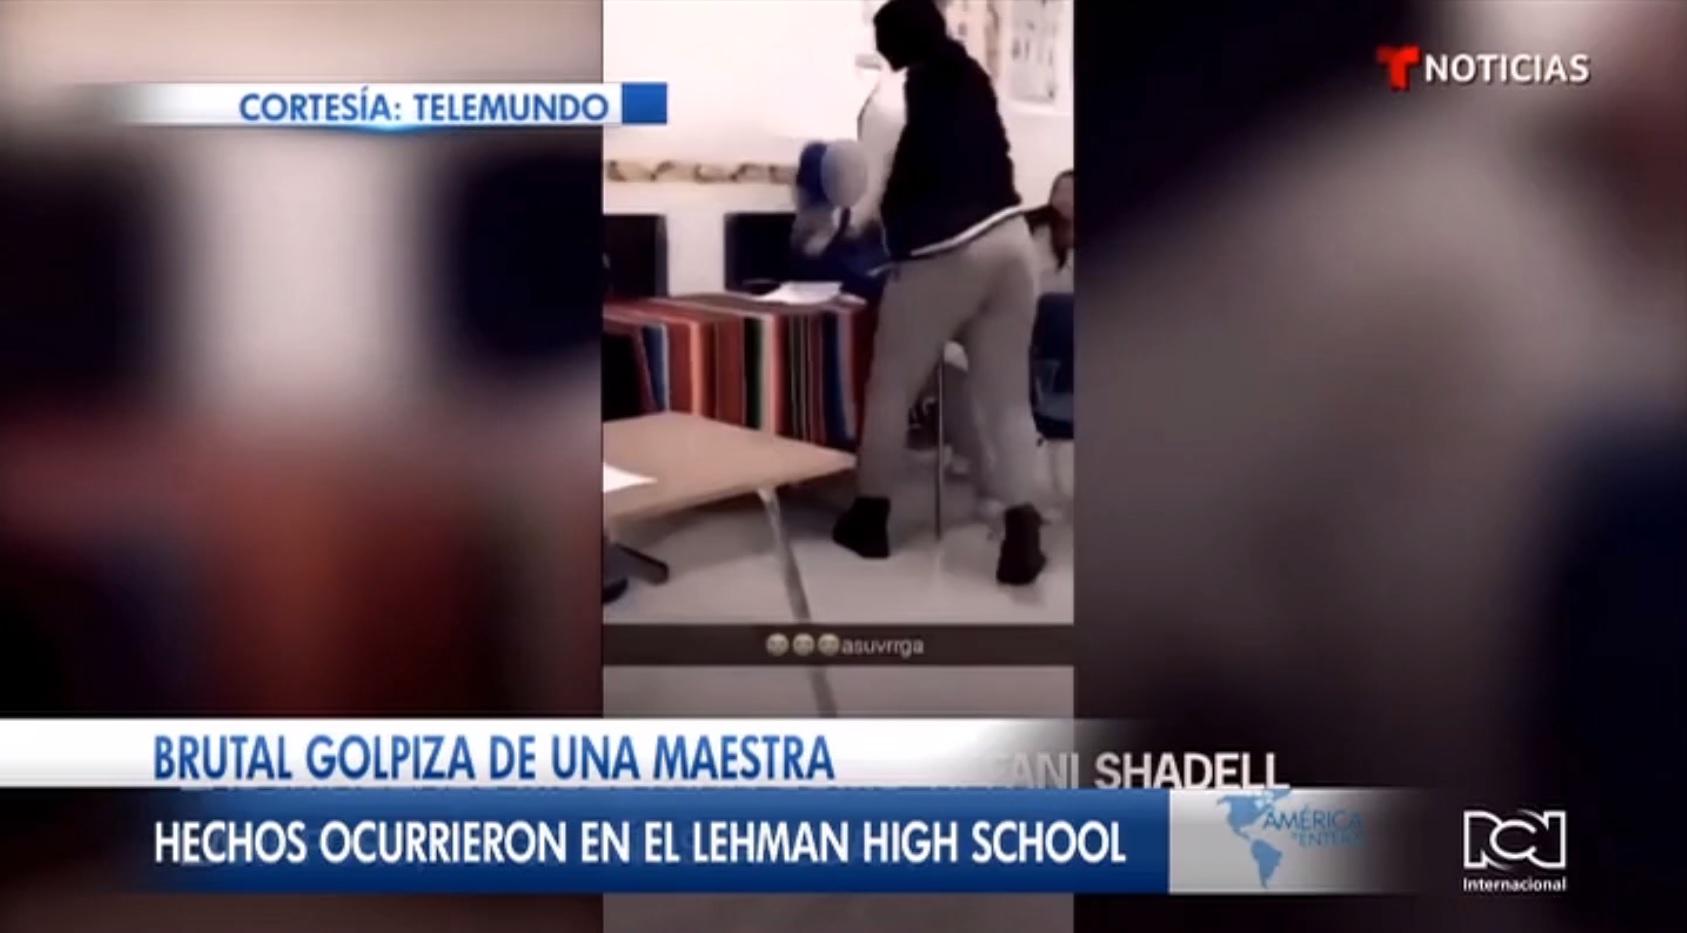 Brutal golpiza de una maestra en Texas